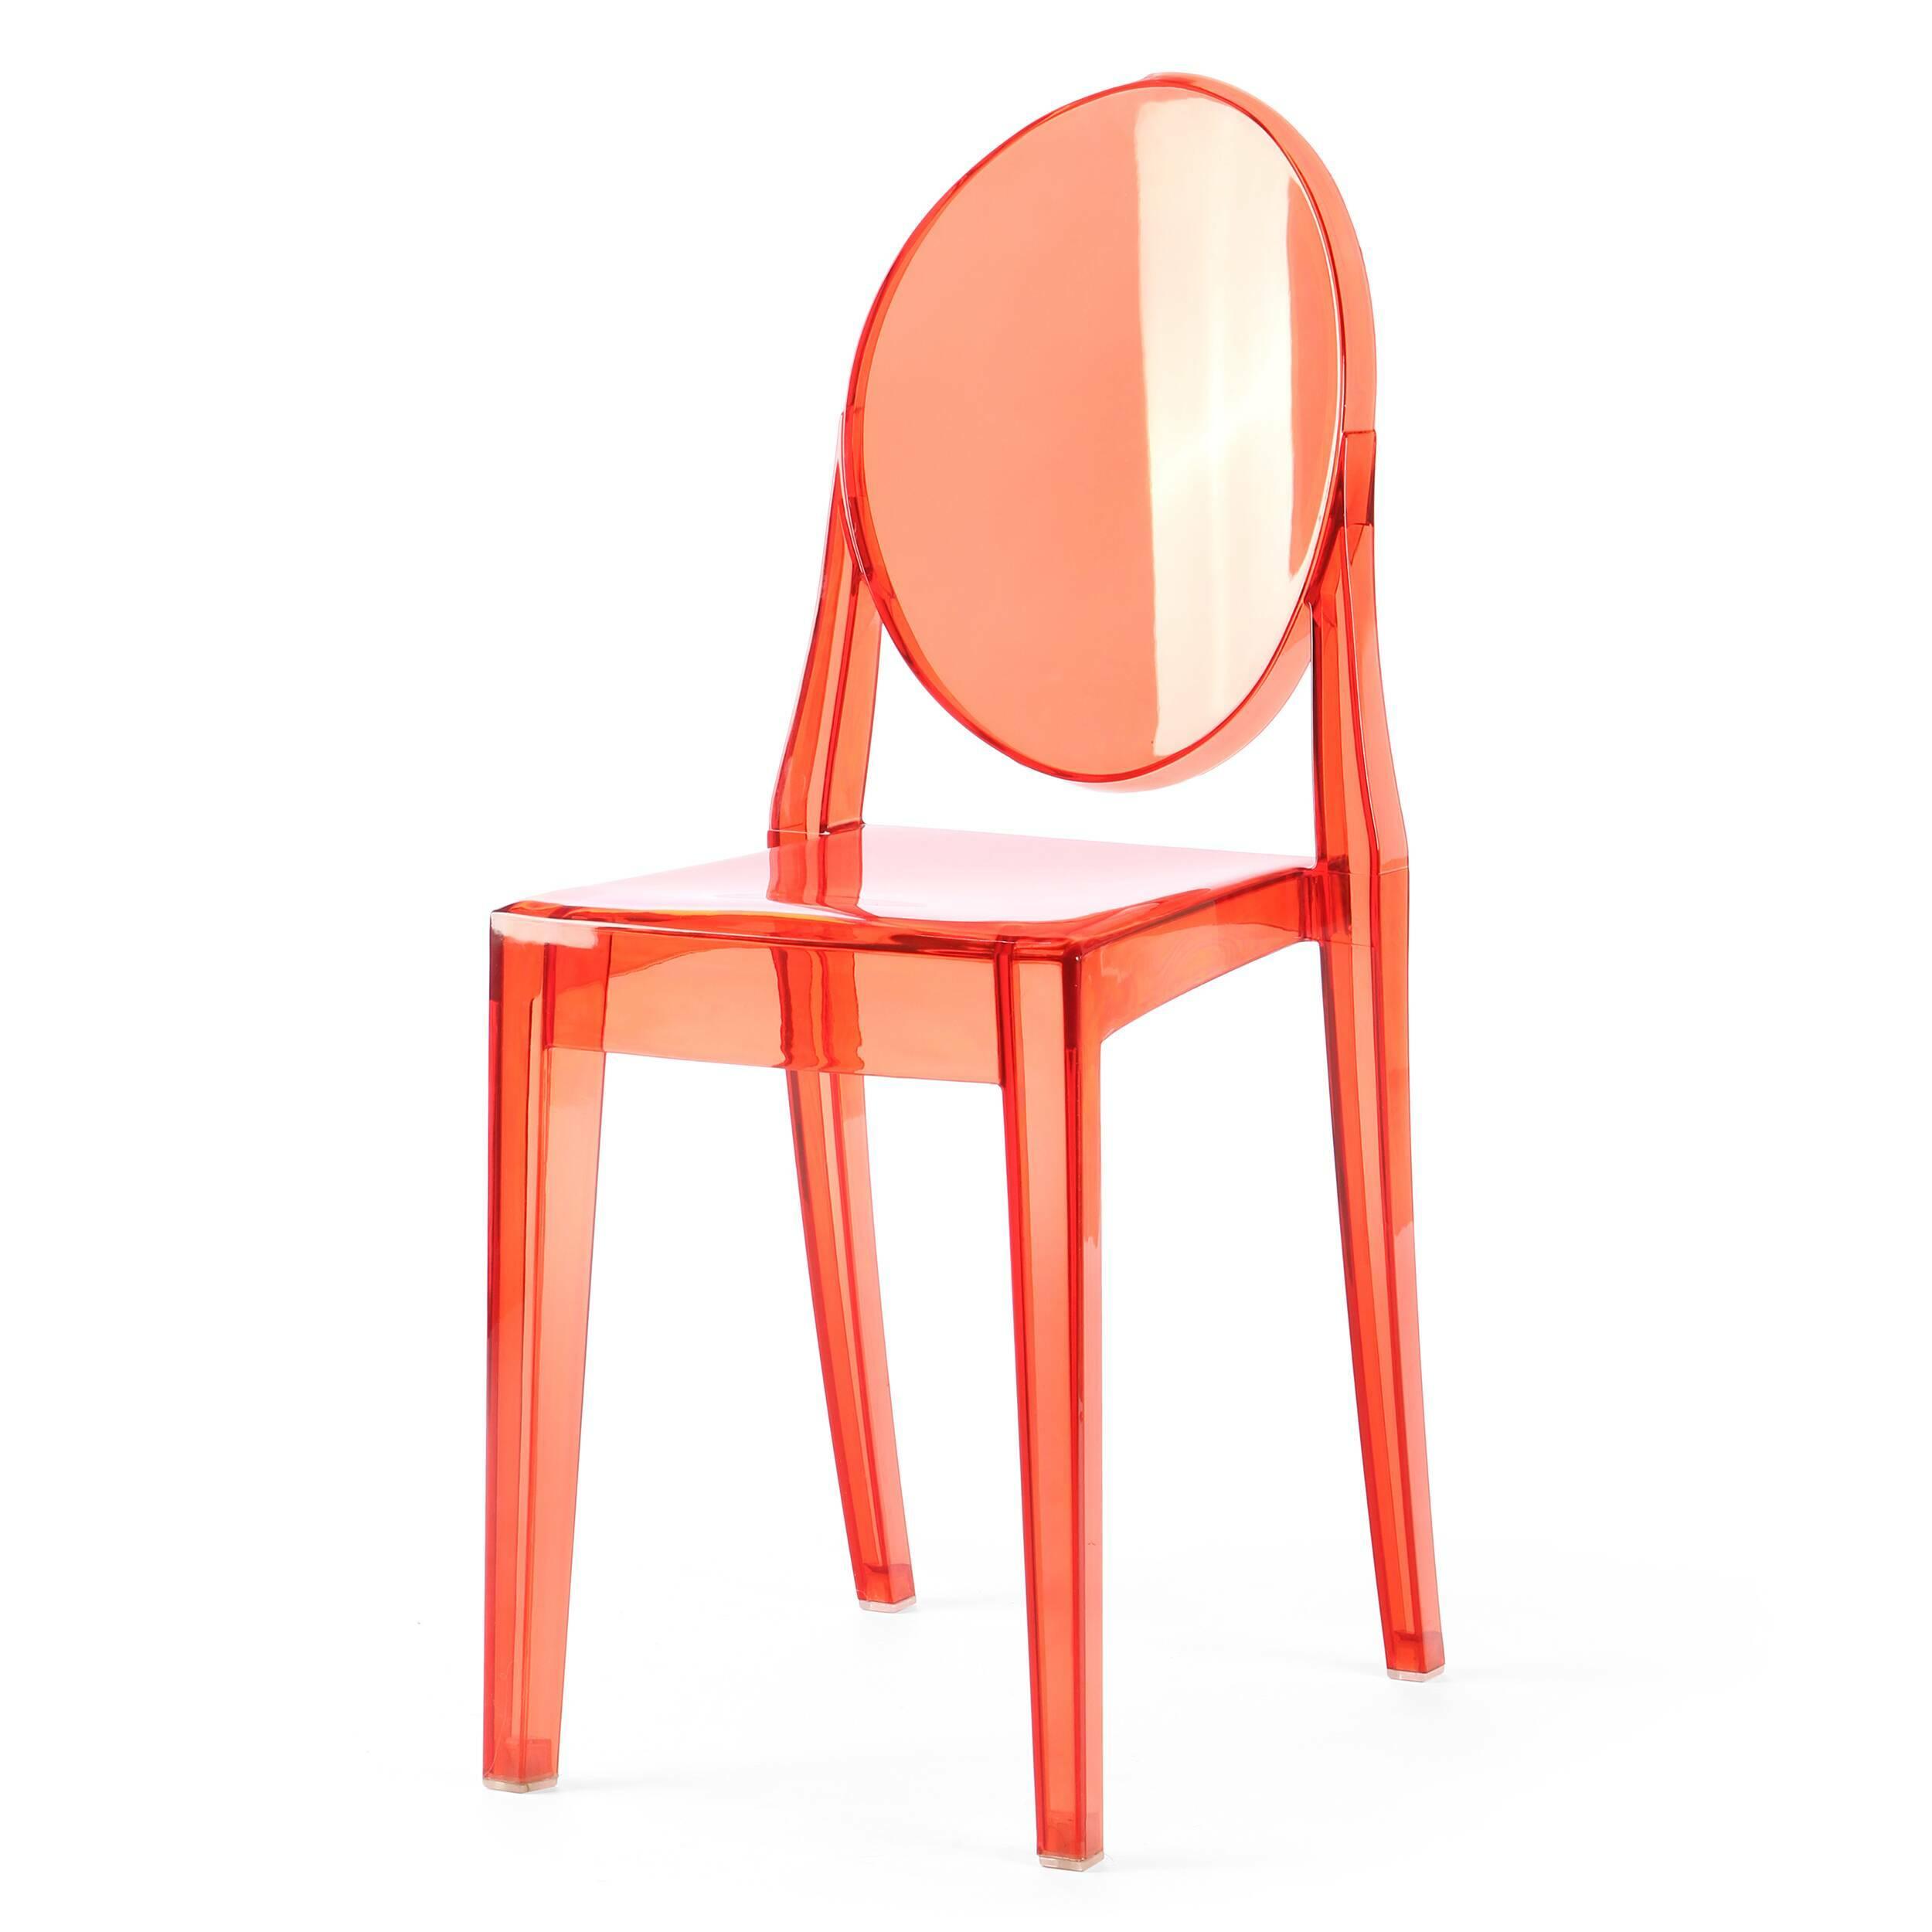 Стул Victoria GhostИнтерьерные<br>Дизайнерский прозрачный пластиковый стул Victoria Ghost (Виктория Гост) с подлокотниками от Cosmo (Космо).<br>Обращаясь к стилю рококо, господствовавшему во Франции в XVIII веке, французский промышленный дизайнер Филипп Старк в 2002 году разработал эти удобные современные стулья. Современность, черпающая вдохновение в стиле времен правления Людовика XV, удивляет и в то же время очаровывает. Оригинальные стулья Victoria Ghost от Филиппа Старка послужат элегантным дополнением вашего интерьера.<br><br>...<br><br>stock: 1<br>Высота: 90,5<br>Высота сиденья: 48,5<br>Ширина: 38,5<br>Глубина: 49,5<br>Материал каркаса: Поликарбонат<br>Тип материала каркаса: Пластик<br>Цвет каркаса: Красный прозрачный